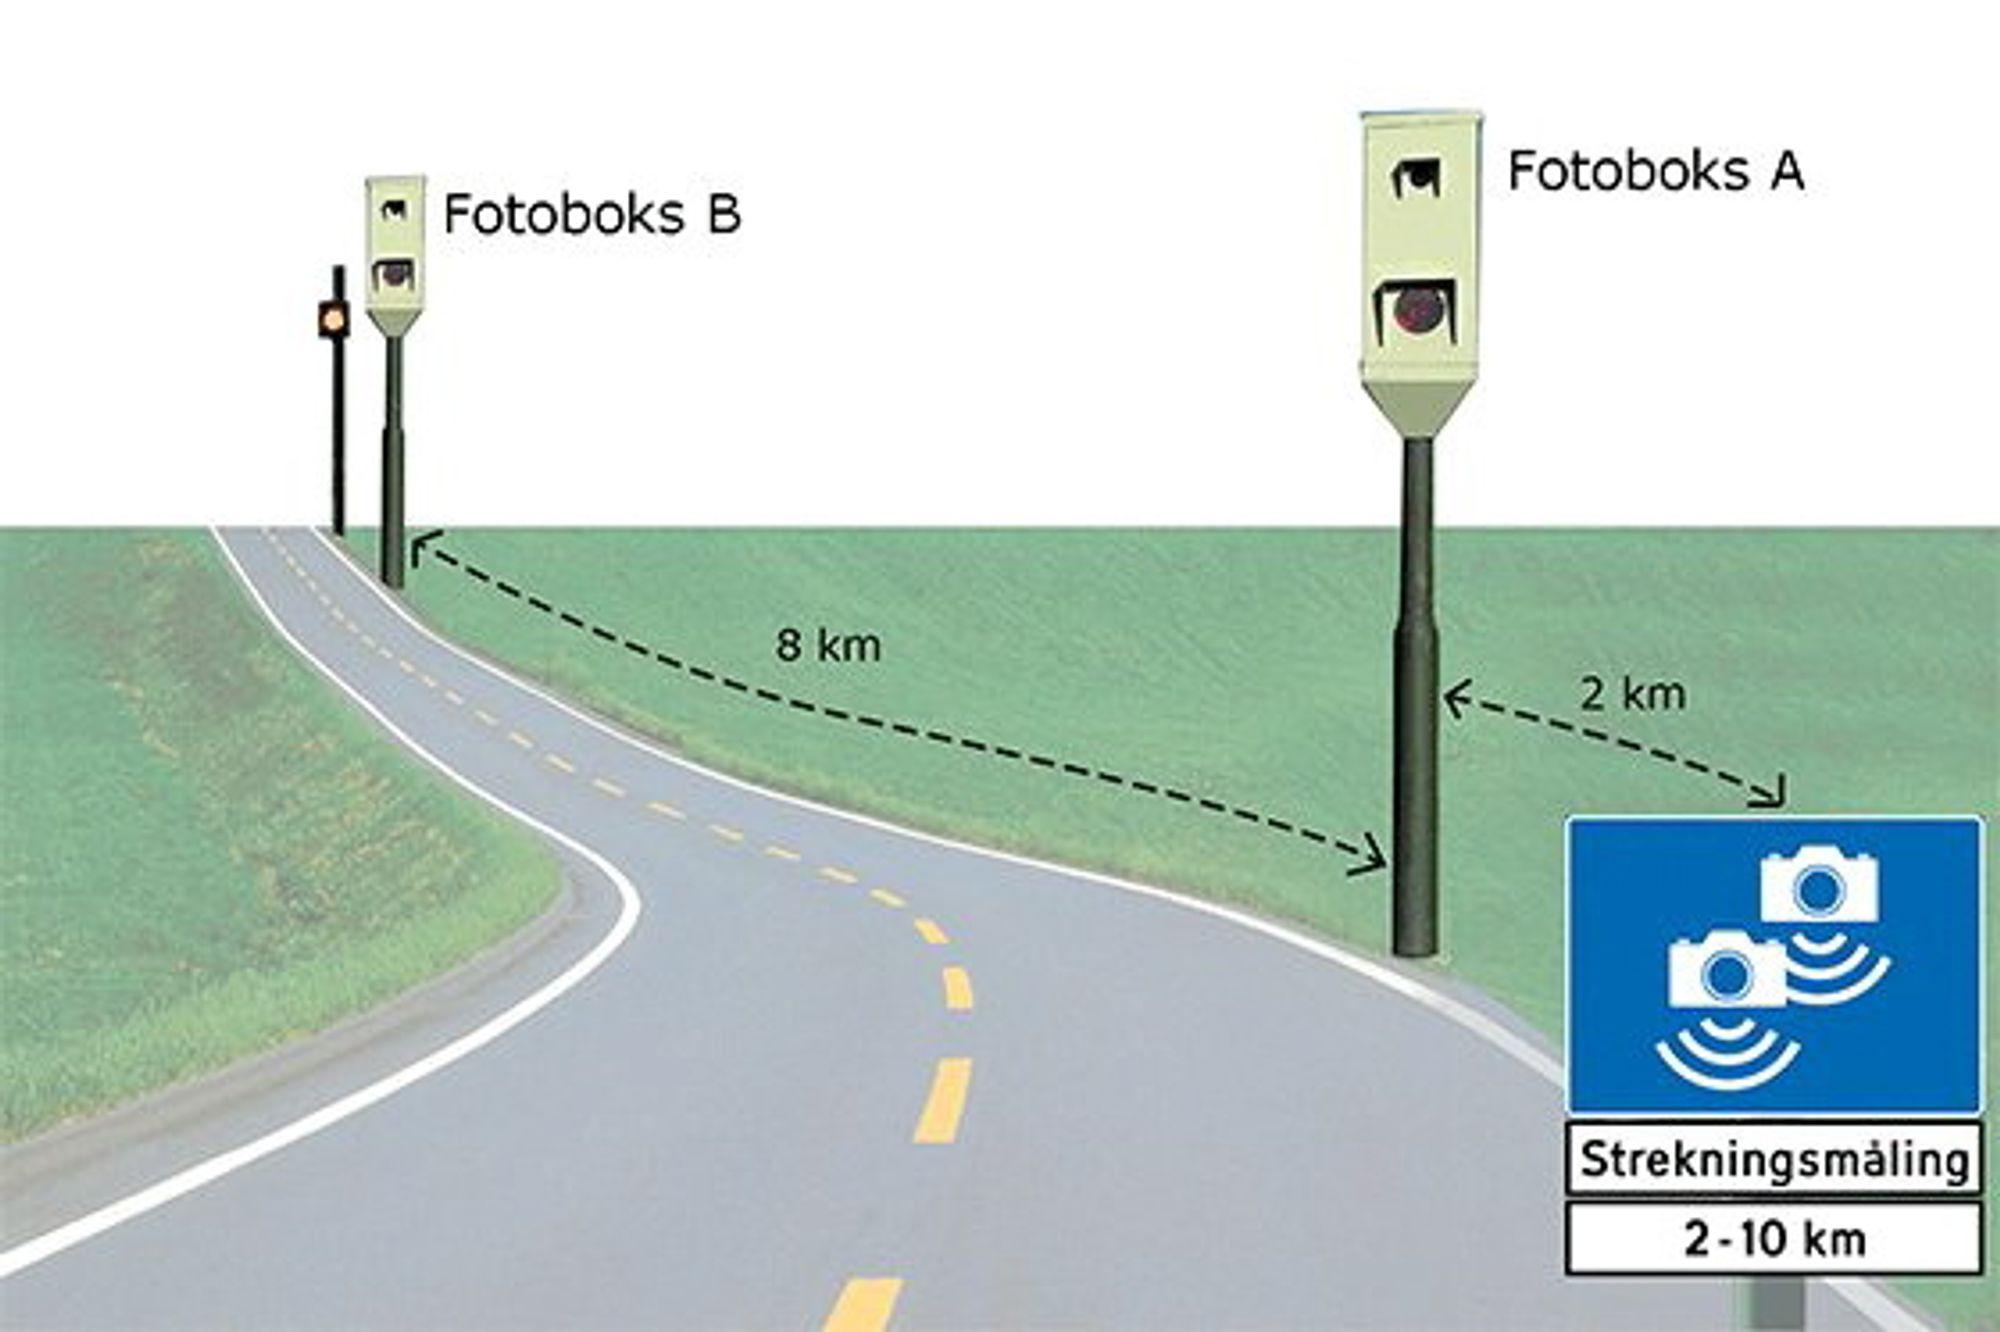 Eksempel der gjennomsnittsfarten måles over en strekning på 8 kilometer.